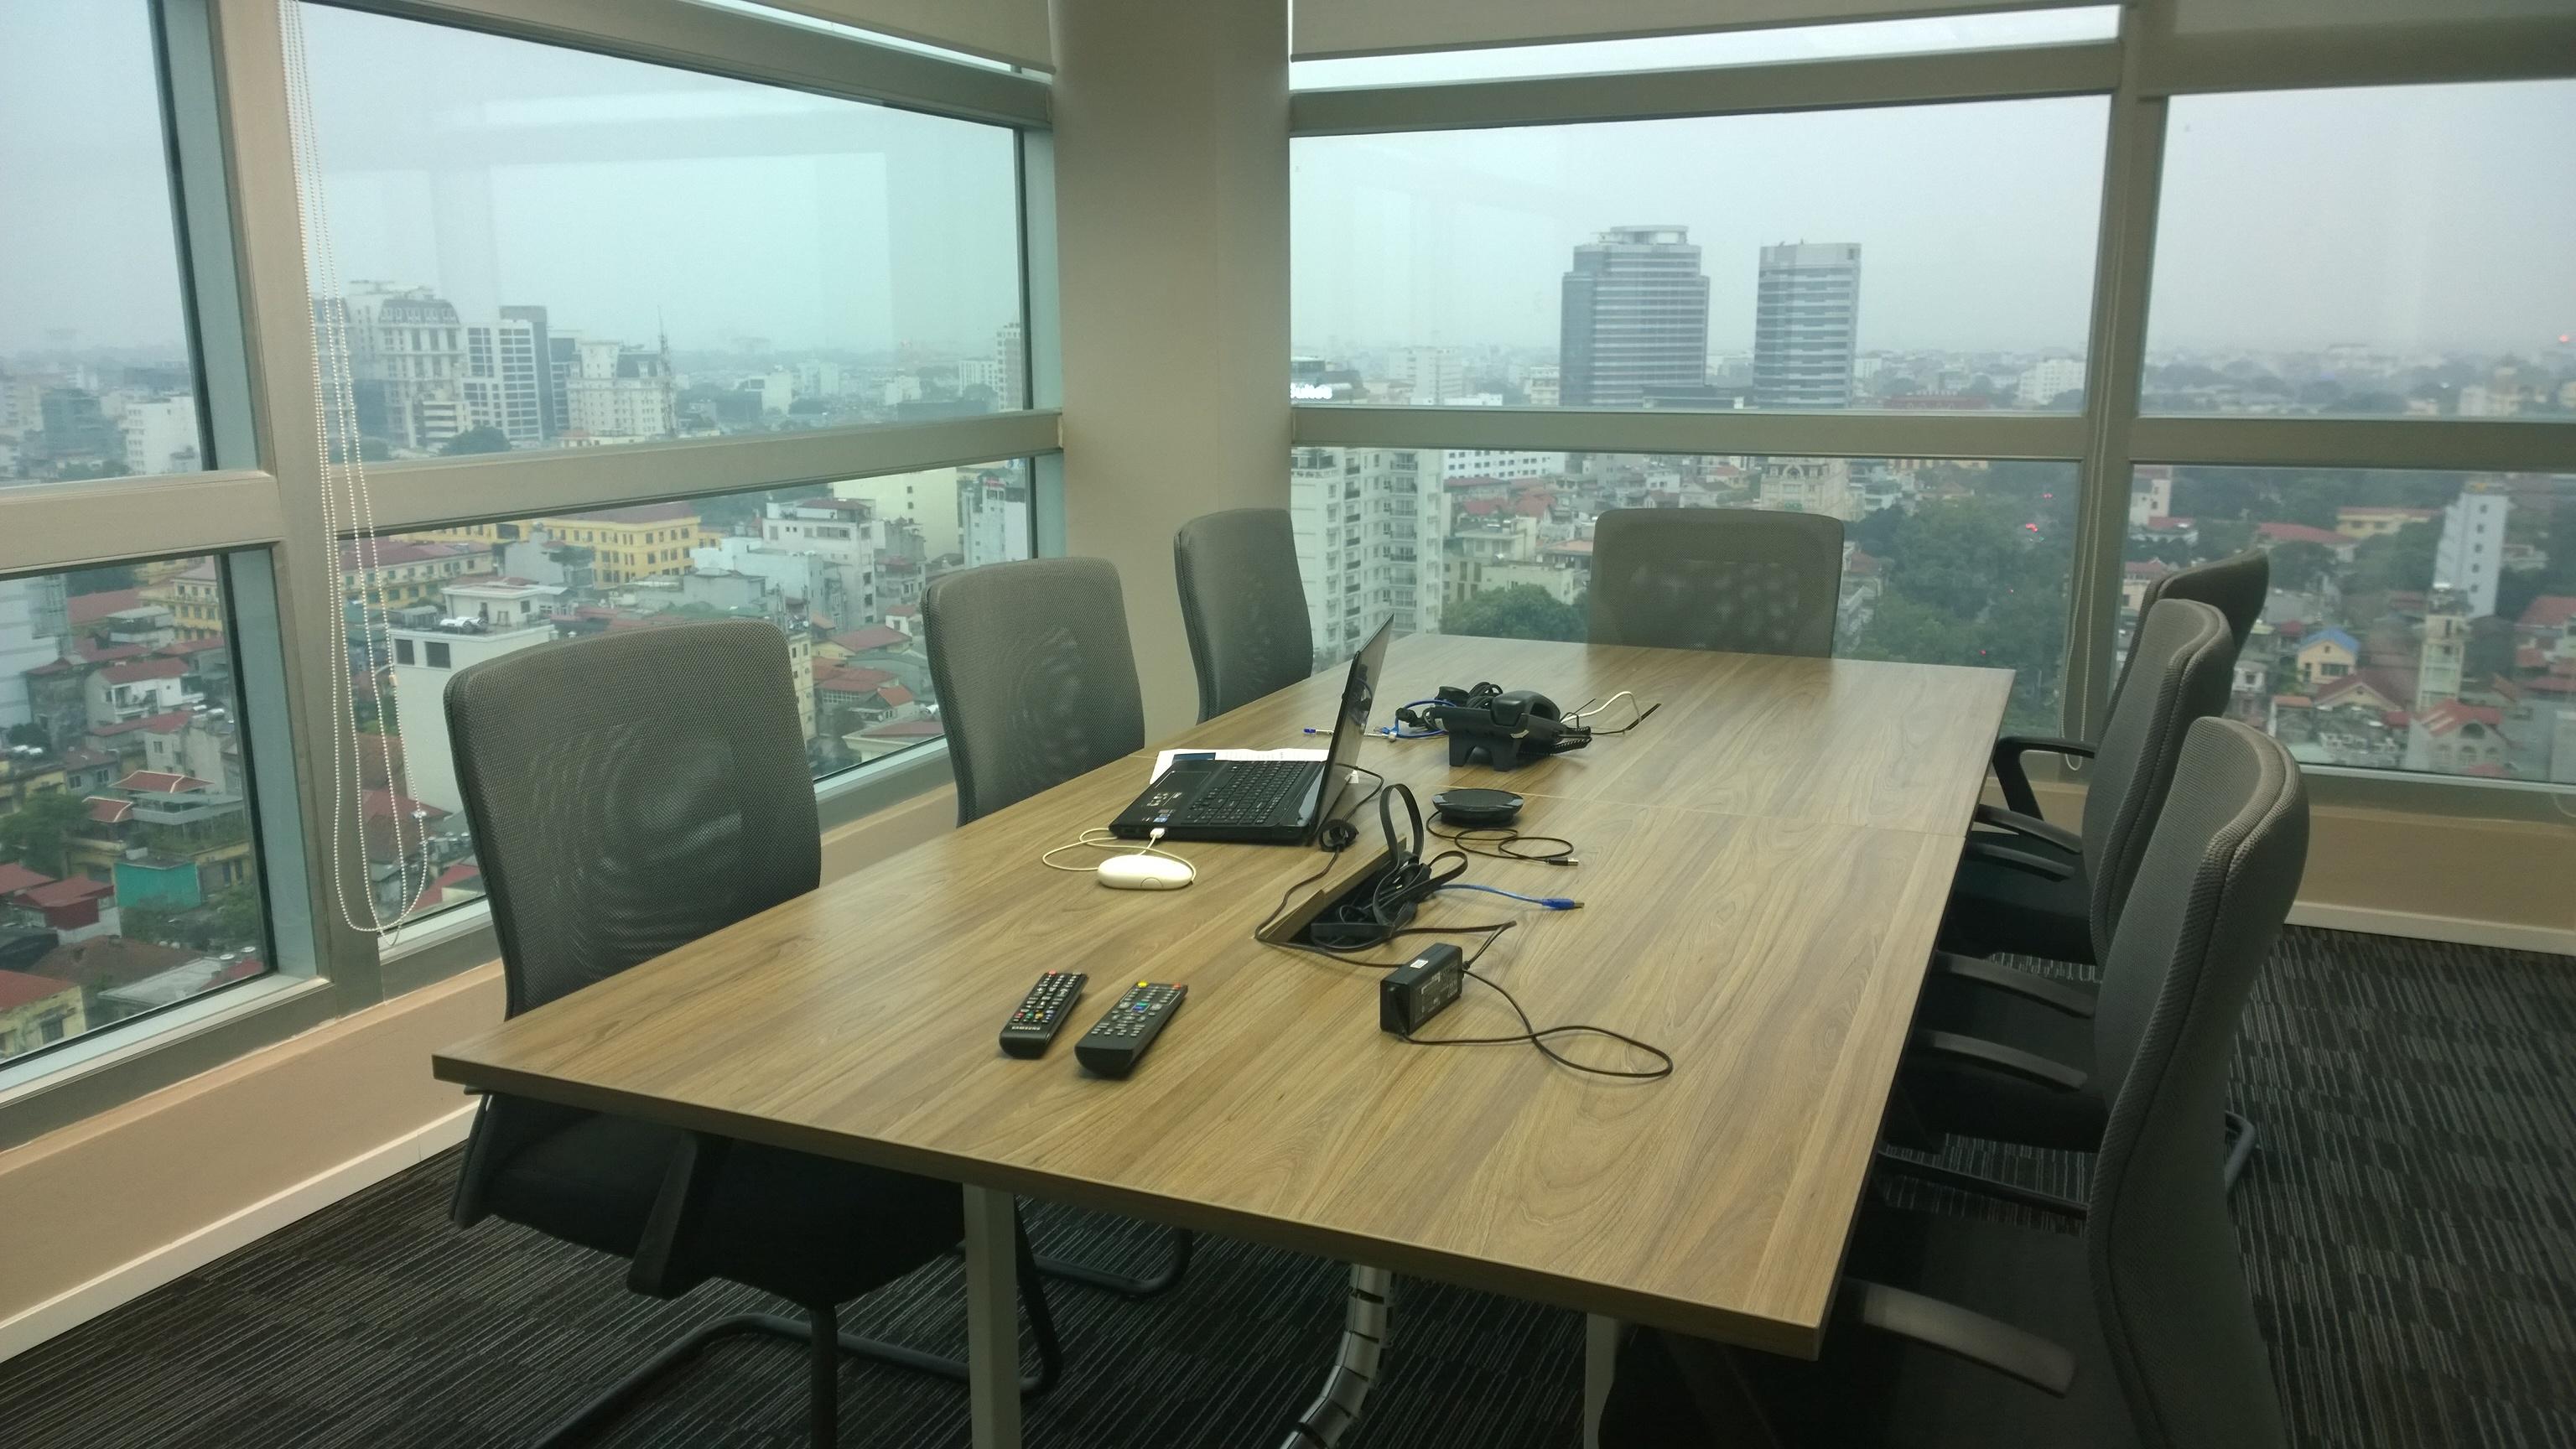 Những ưu điểm không thể không nhắc khi thuê văn phòng trọn gói3